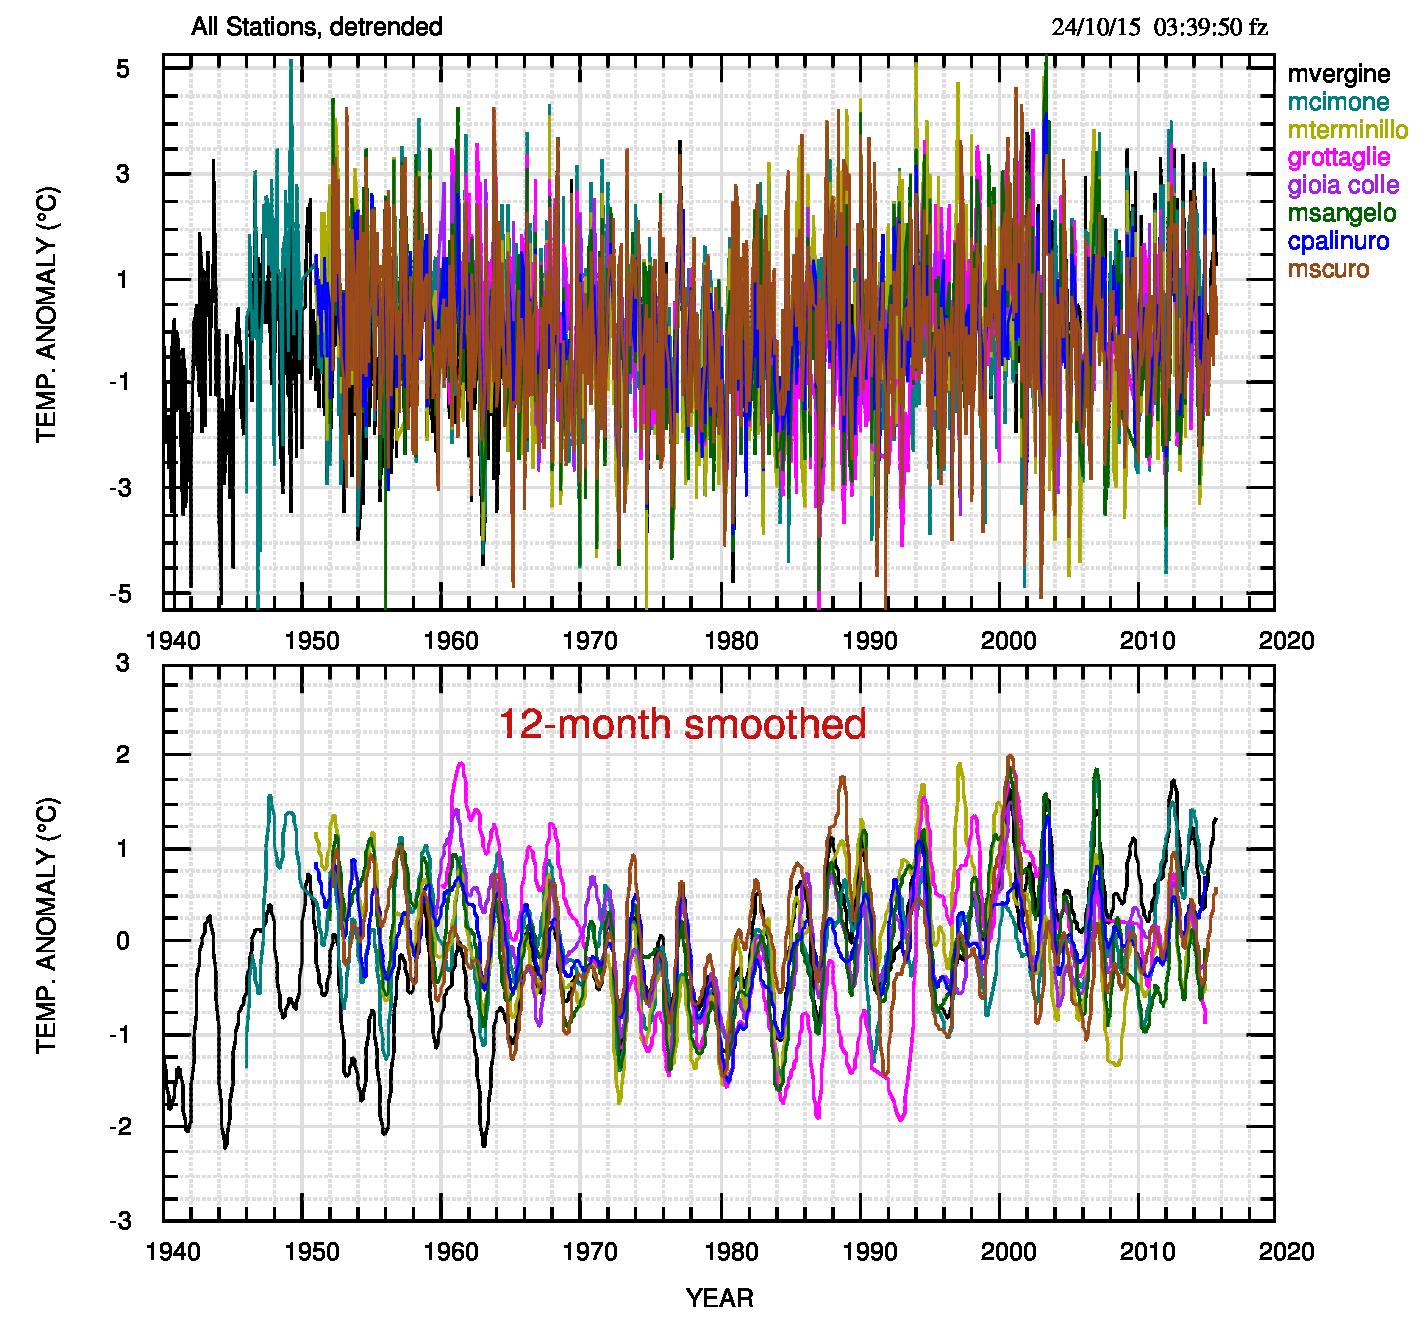 Fig.3. Serie mensili detrended e sovrapposte. Nel quadro superiore i valori originali; in quello inferiore è stato applicato un filtro passa-basso di finestra 12 mesi.